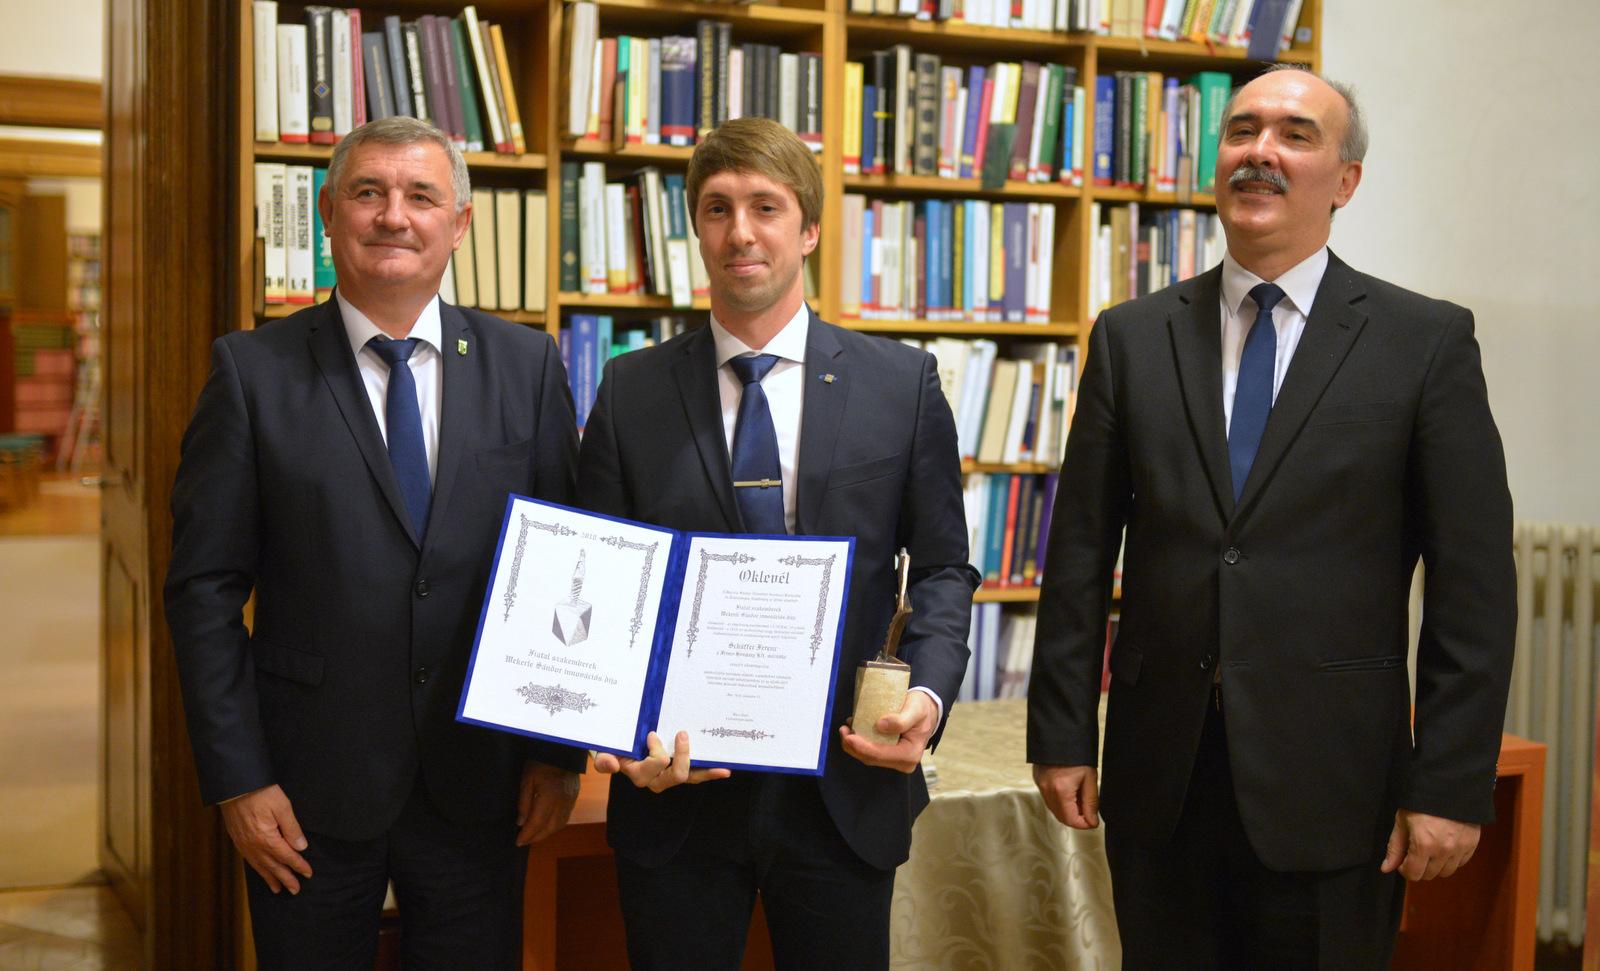 Wekerle Sándor Fiatal szakemberek innovációs díja 2018. évi átadása